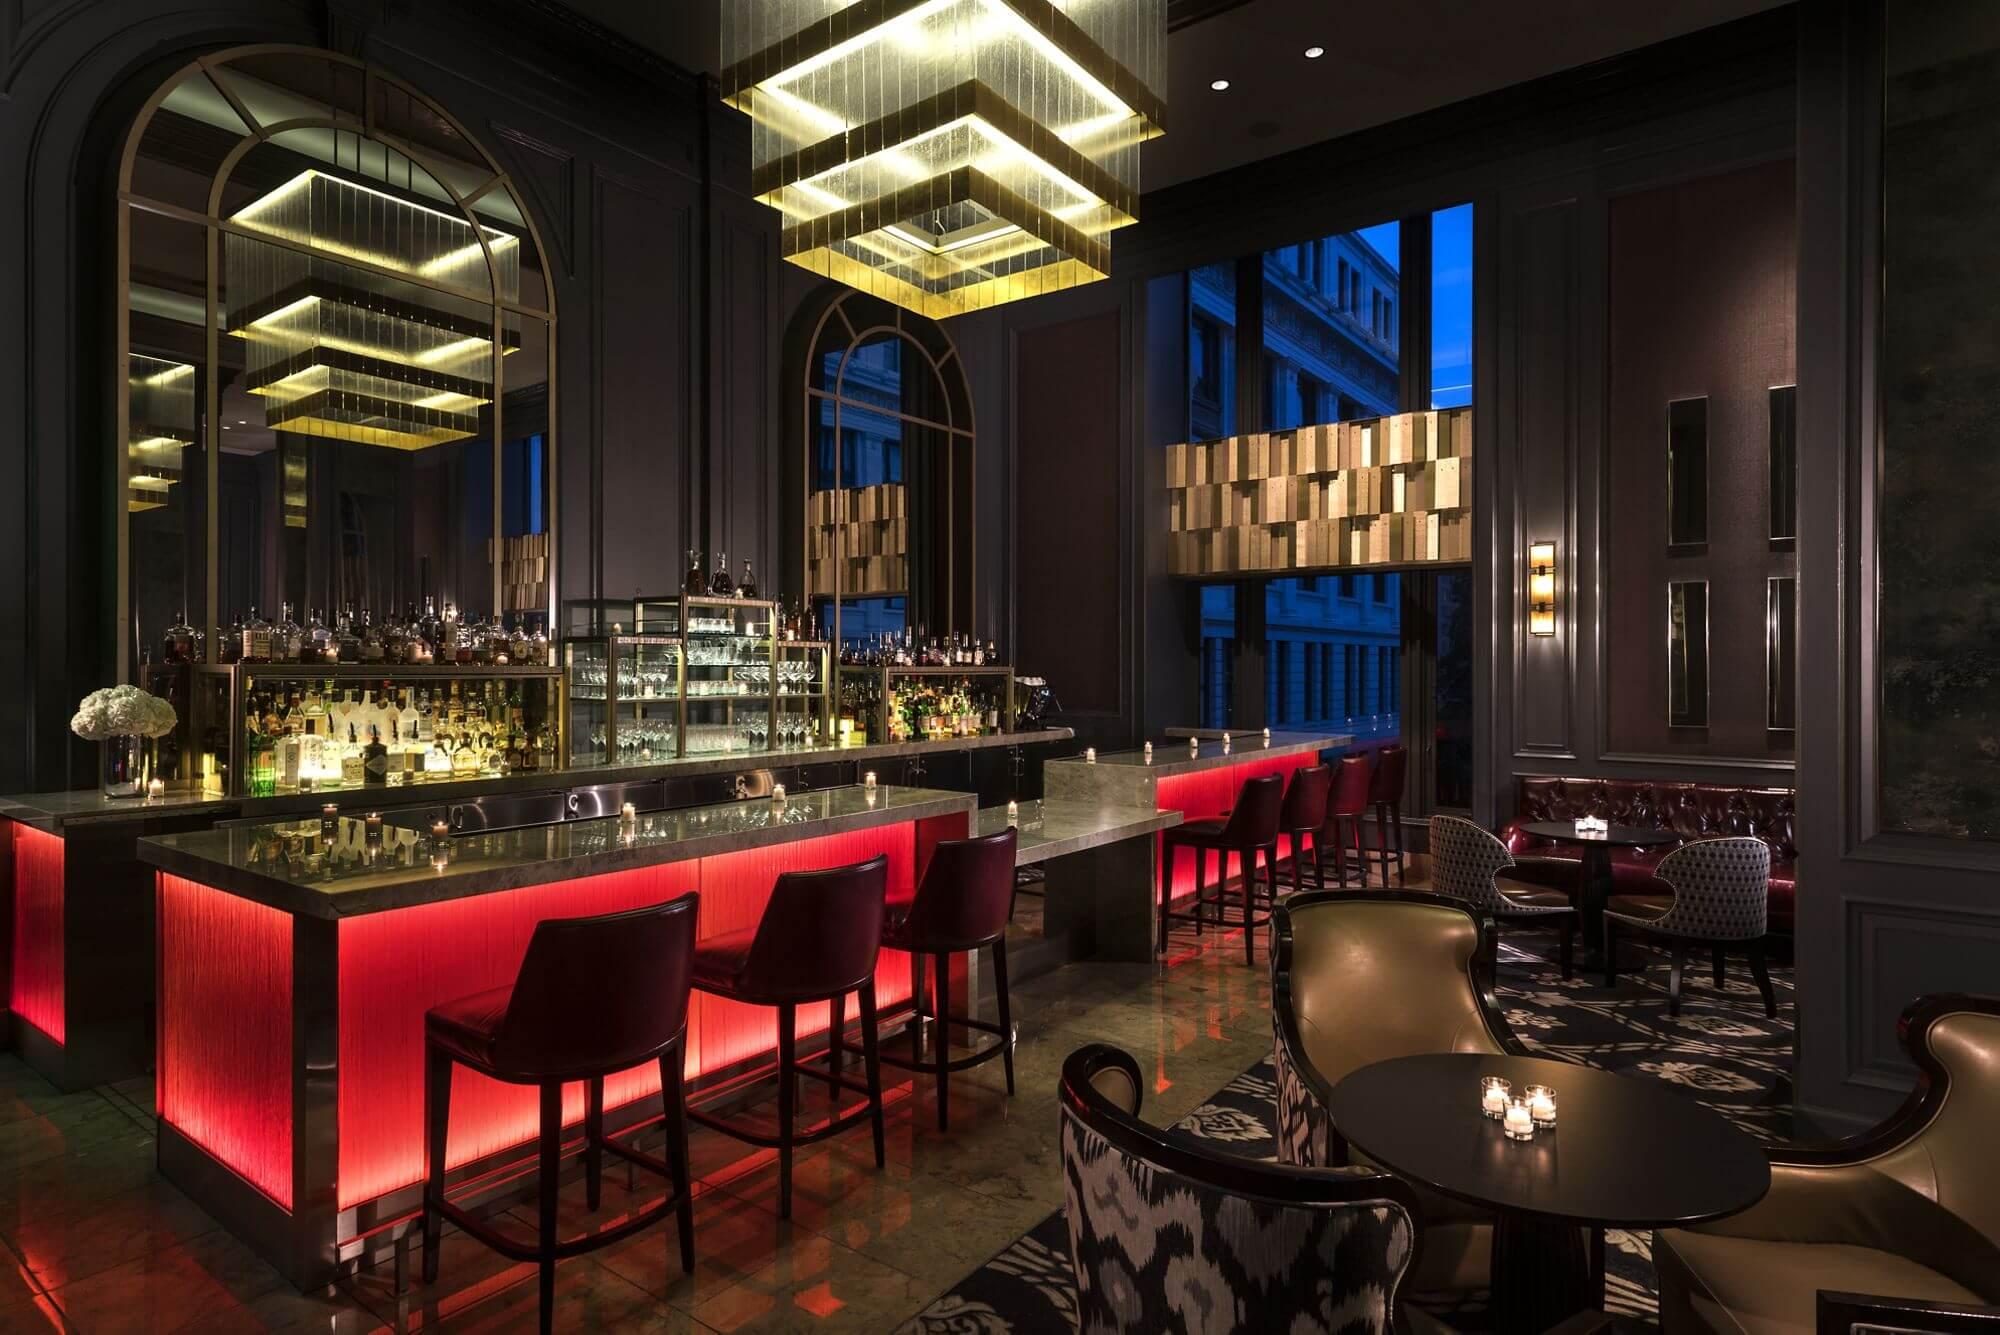 The Ritz Carlton San Francisco Bar